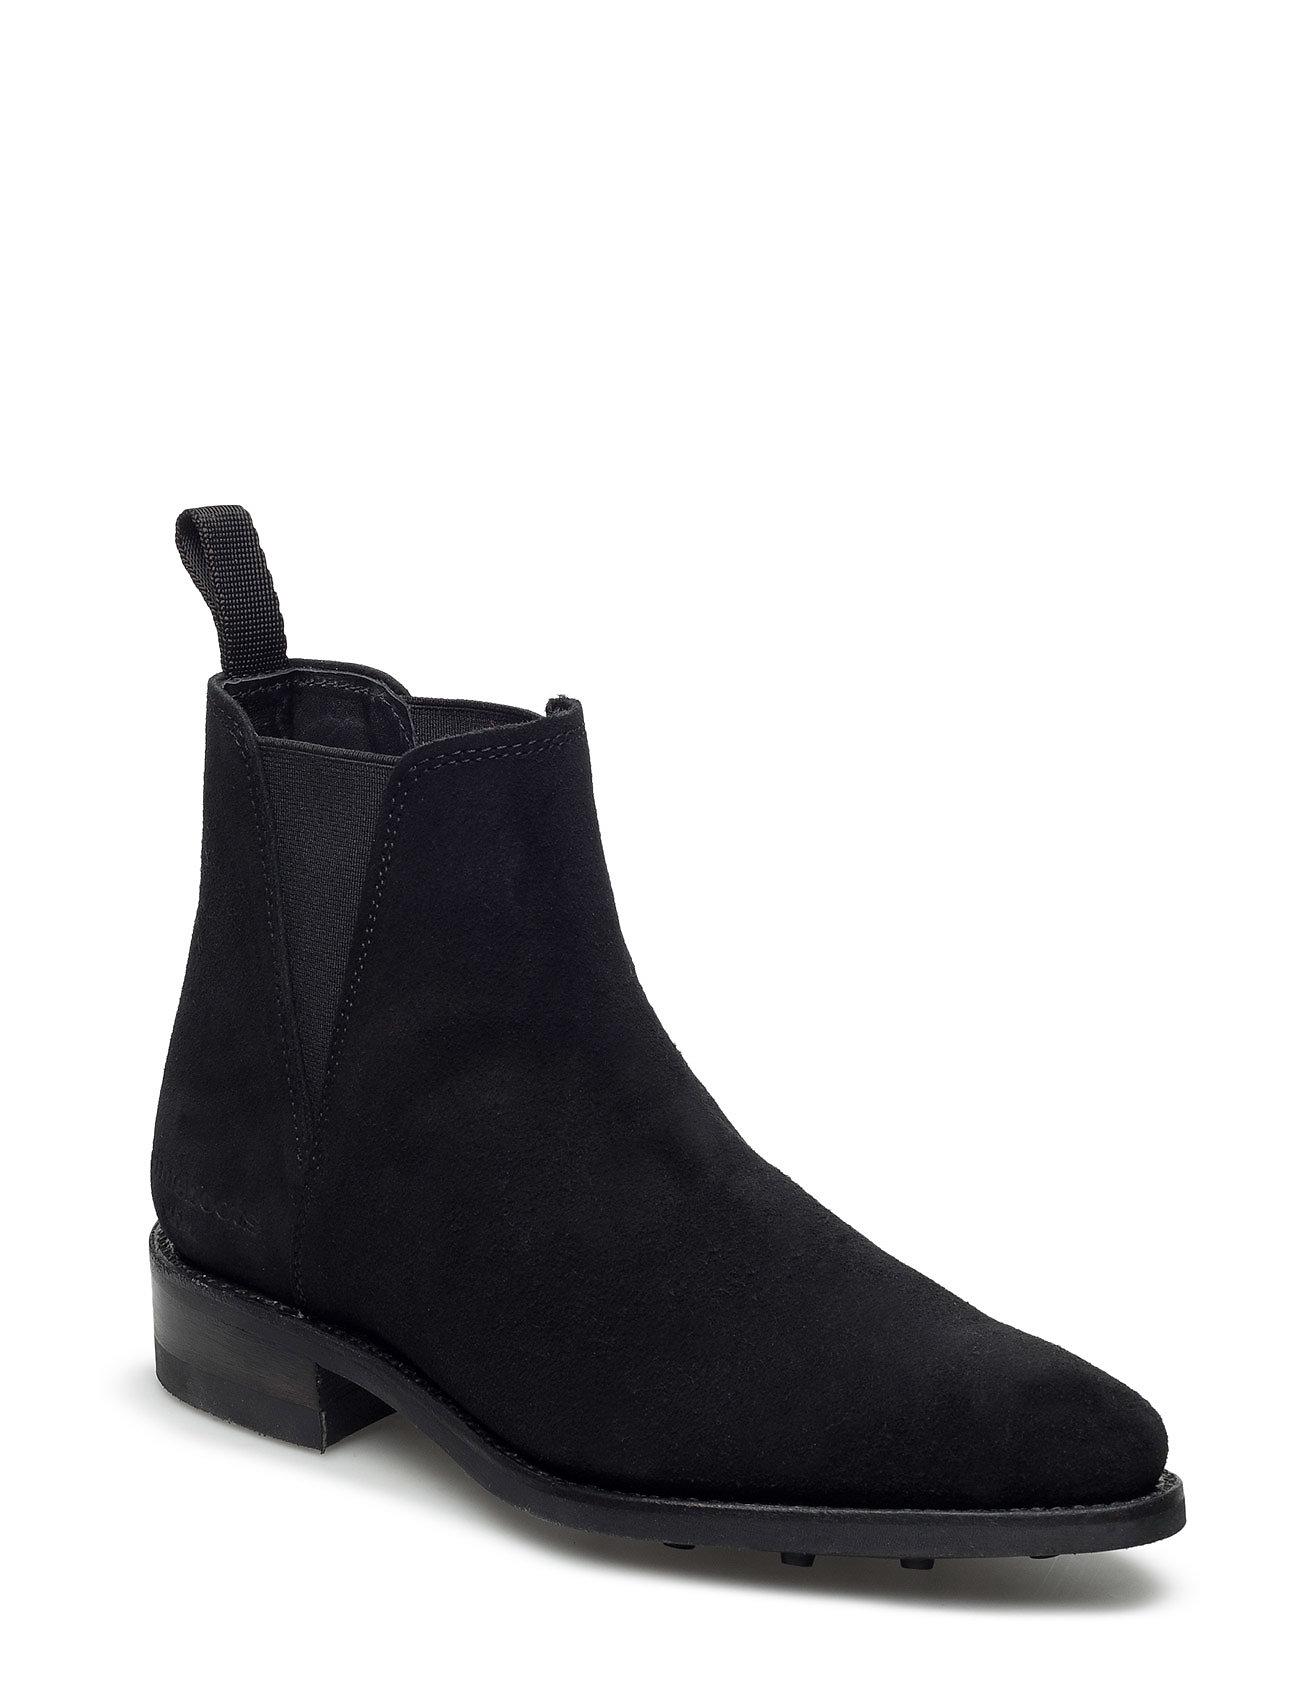 Savannah Low Primeboots Støvler til Kvinder i